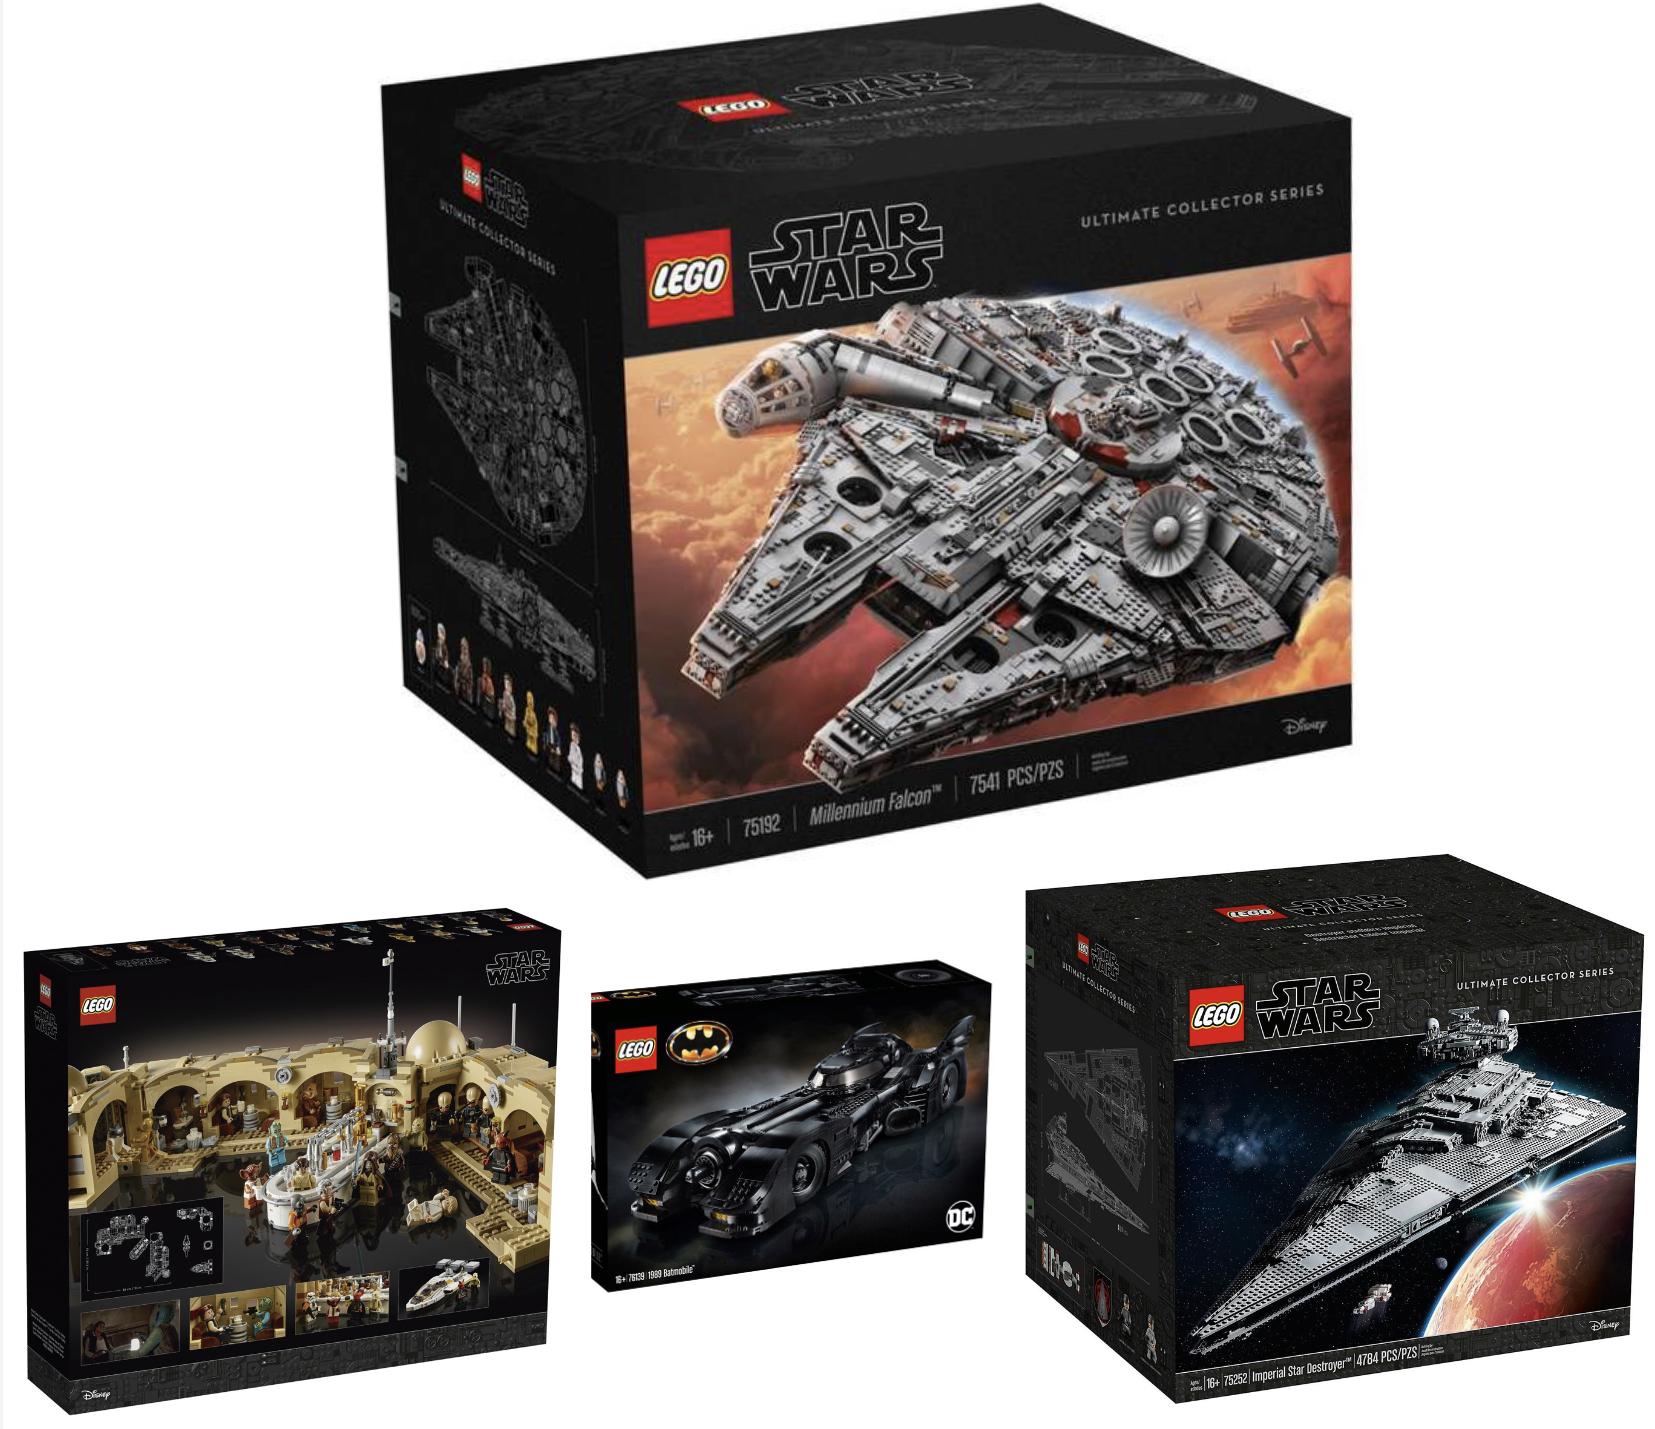 LEGO Star Wars 75192 Millennium Falcon für 639,20€ / LEGO Star Wars Imperialer Sternzerstörer 75252 für 559,96€ und weitere Angebote!